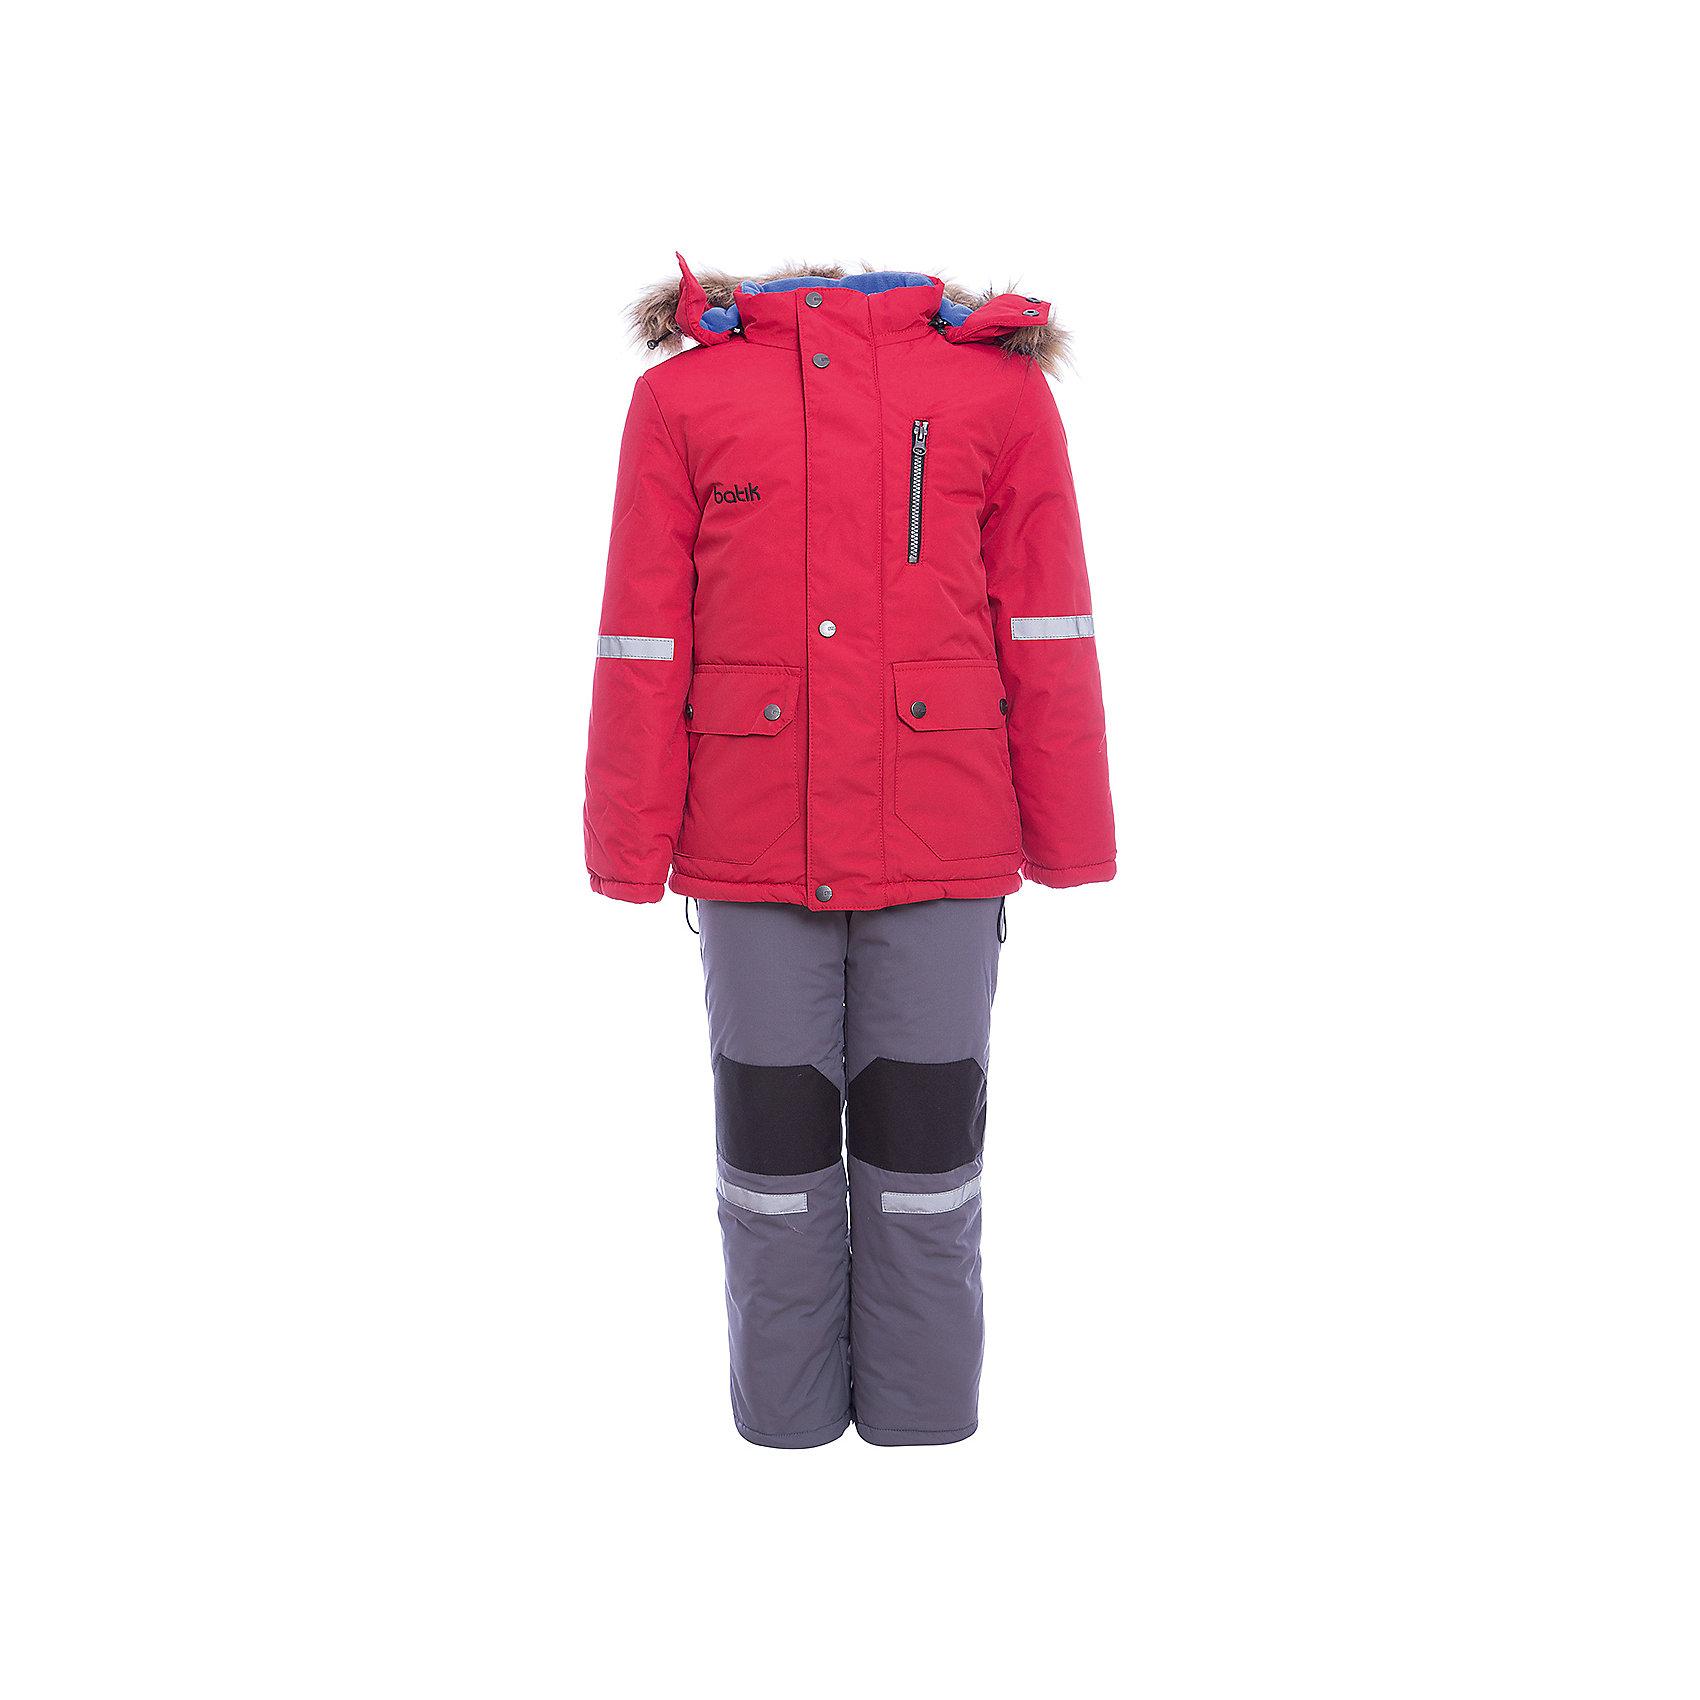 Комплект: куртка и полукомбенизон Артур Batik для мальчикаВерхняя одежда<br>Характеристики товара:<br><br>• цвет: красный<br>• комплектация: куртка и полукомбинезон <br>• состав ткани: таслан<br>• подкладка: поларфлис<br>• утеплитель: шелтер<br>• сезон: зима<br>• мембранное покрытие<br>• температурный режим: от -35 до 0<br>• водонепроницаемость: 5000 мм <br>• паропроницаемость: 5000 г/м2<br>• плотность утеплителя: куртка - 350 г/м2, полукомбинезон - 200 г/м2<br>• застежка: молния<br>• капюшон: с мехом, отстегивается<br>• встроенный термодатчик<br>• износостойкие вставки на брюках<br>• страна бренда: Россия<br>• страна изготовитель: Россия<br><br>Непромокаемый и непродуваемый детский комплект дополнен термодатчиком и отворотами, с помощью которых можно увеличить размер. Зимний мембранный комплект для мальчика легко чистится и долго служит. Детский комплект сделан легкого, но теплого материала. Зимний комплект для ребенка отличается стильным дизайном. <br><br>Комплект: куртка и полукомбинезон Артур Batik (Батик) для мальчика можно купить в нашем интернет-магазине.<br><br>Ширина мм: 356<br>Глубина мм: 10<br>Высота мм: 245<br>Вес г: 519<br>Цвет: красный<br>Возраст от месяцев: 18<br>Возраст до месяцев: 24<br>Пол: Мужской<br>Возраст: Детский<br>Размер: 92,98,104,110,116,122,80,86<br>SKU: 7027993